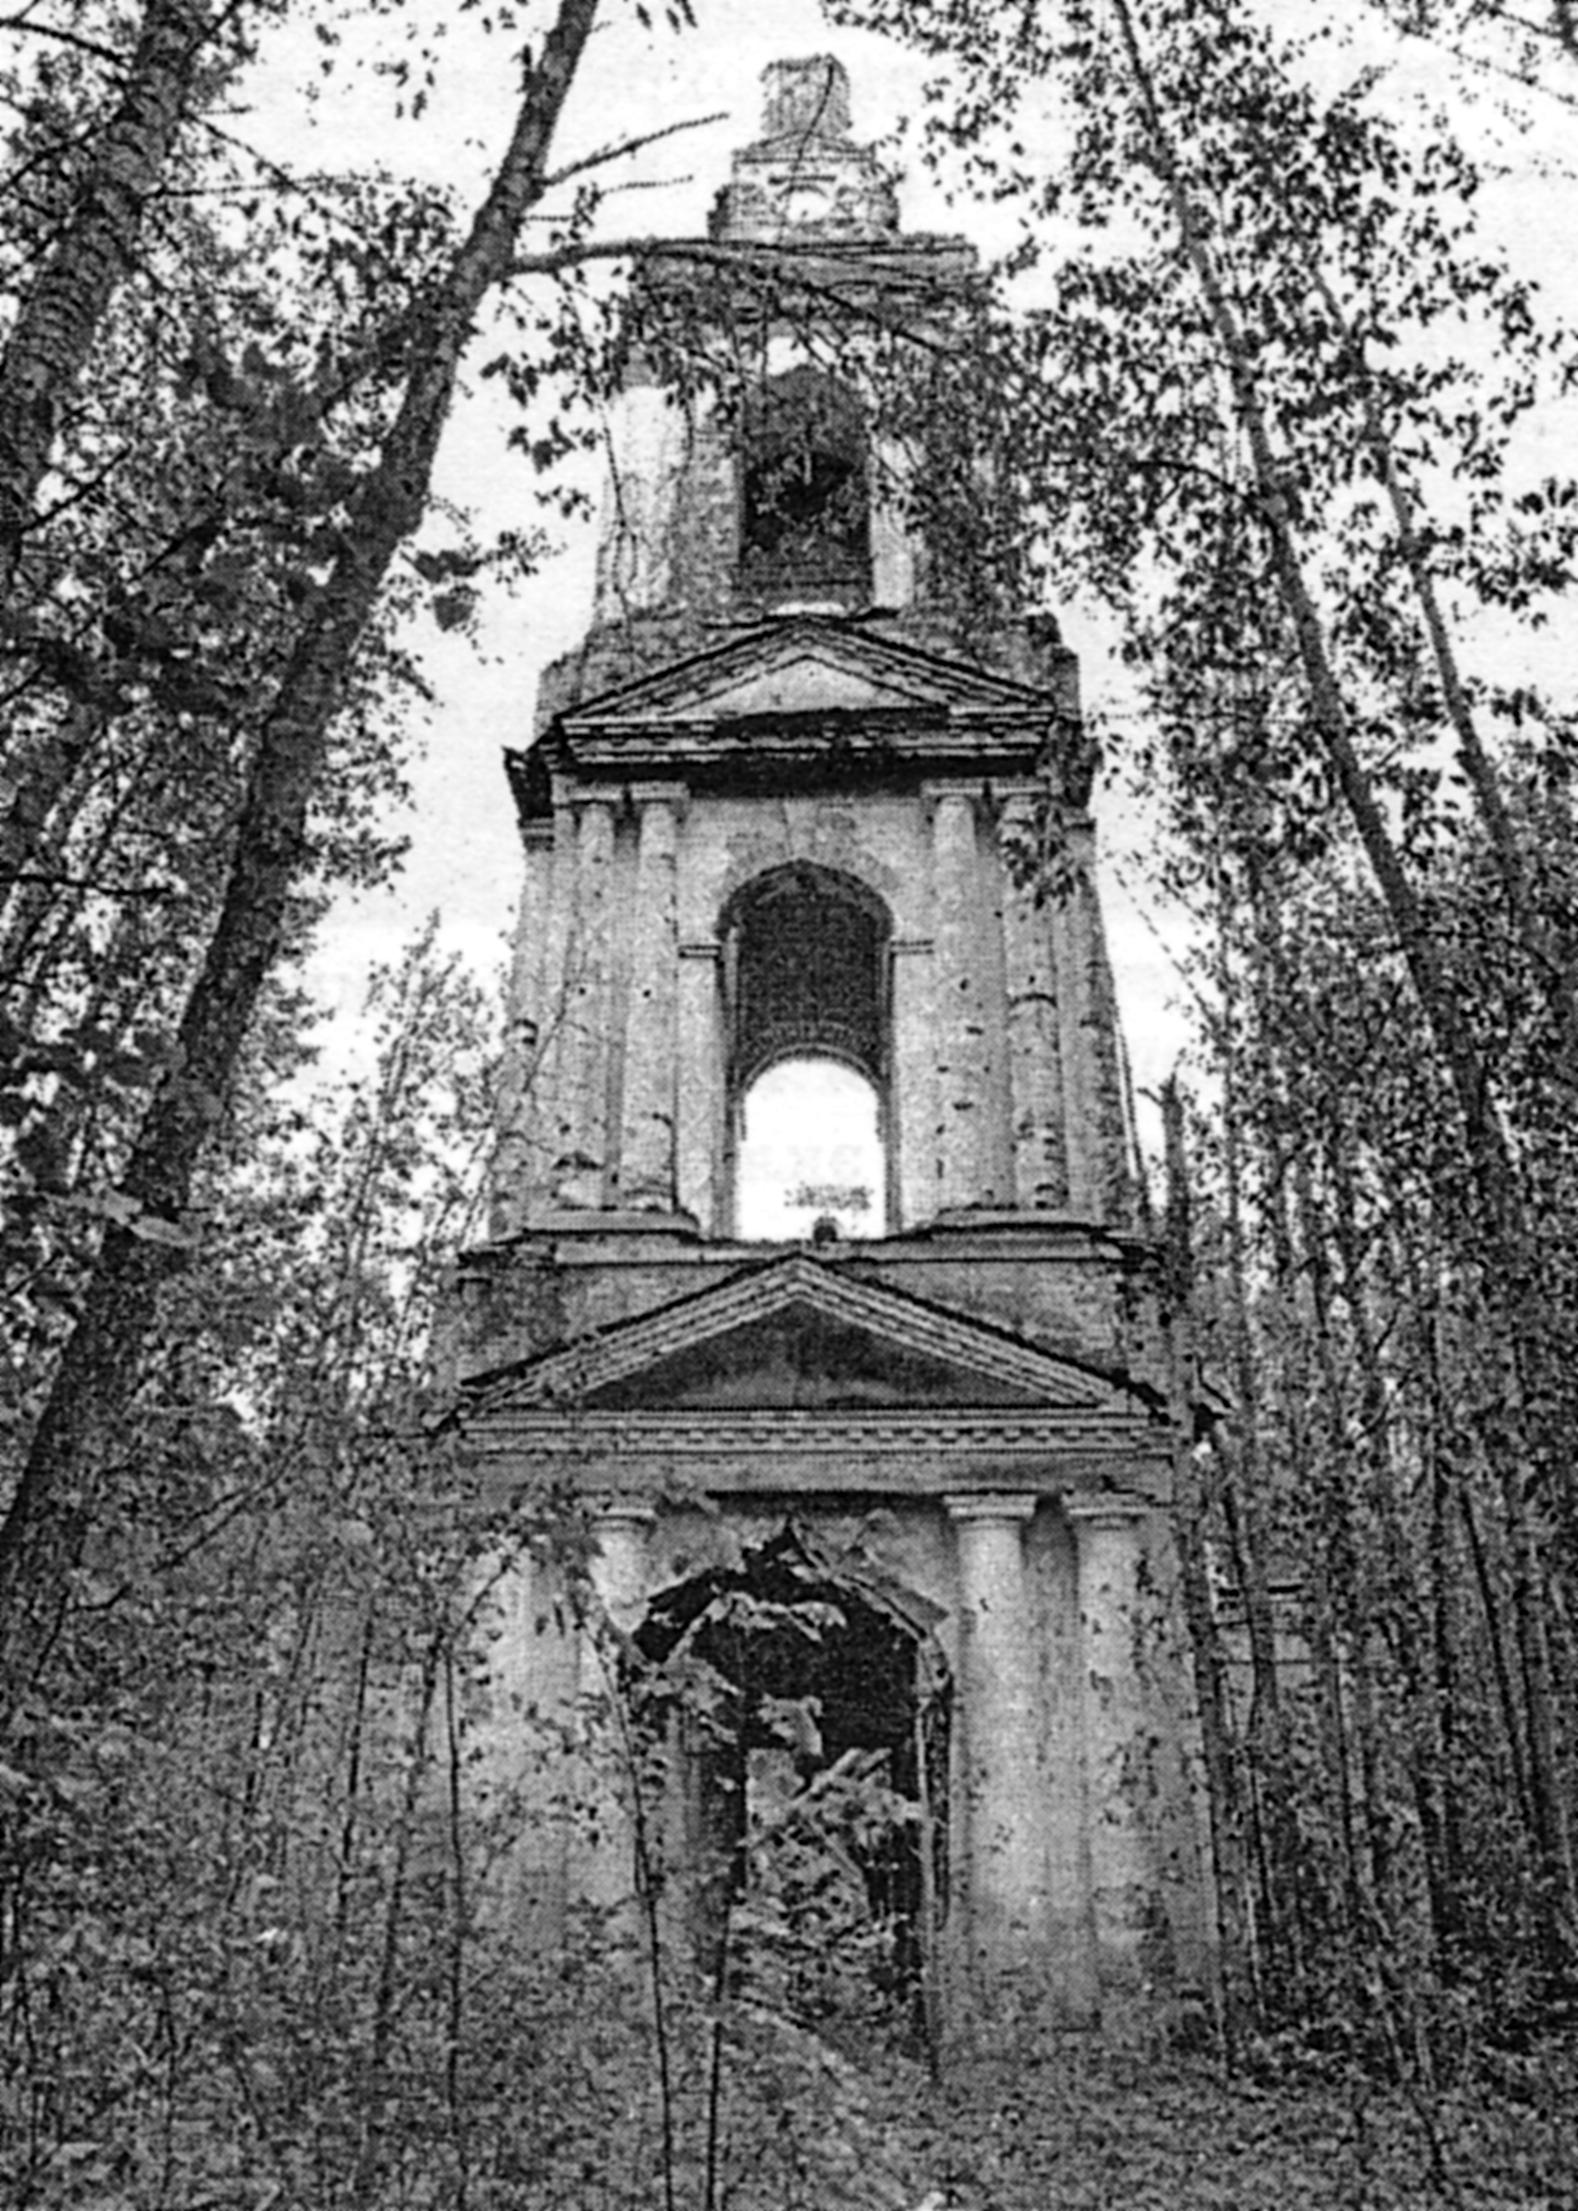 Ризоположенская церковь с. Озерки. Колокольня. фото 2000 года.